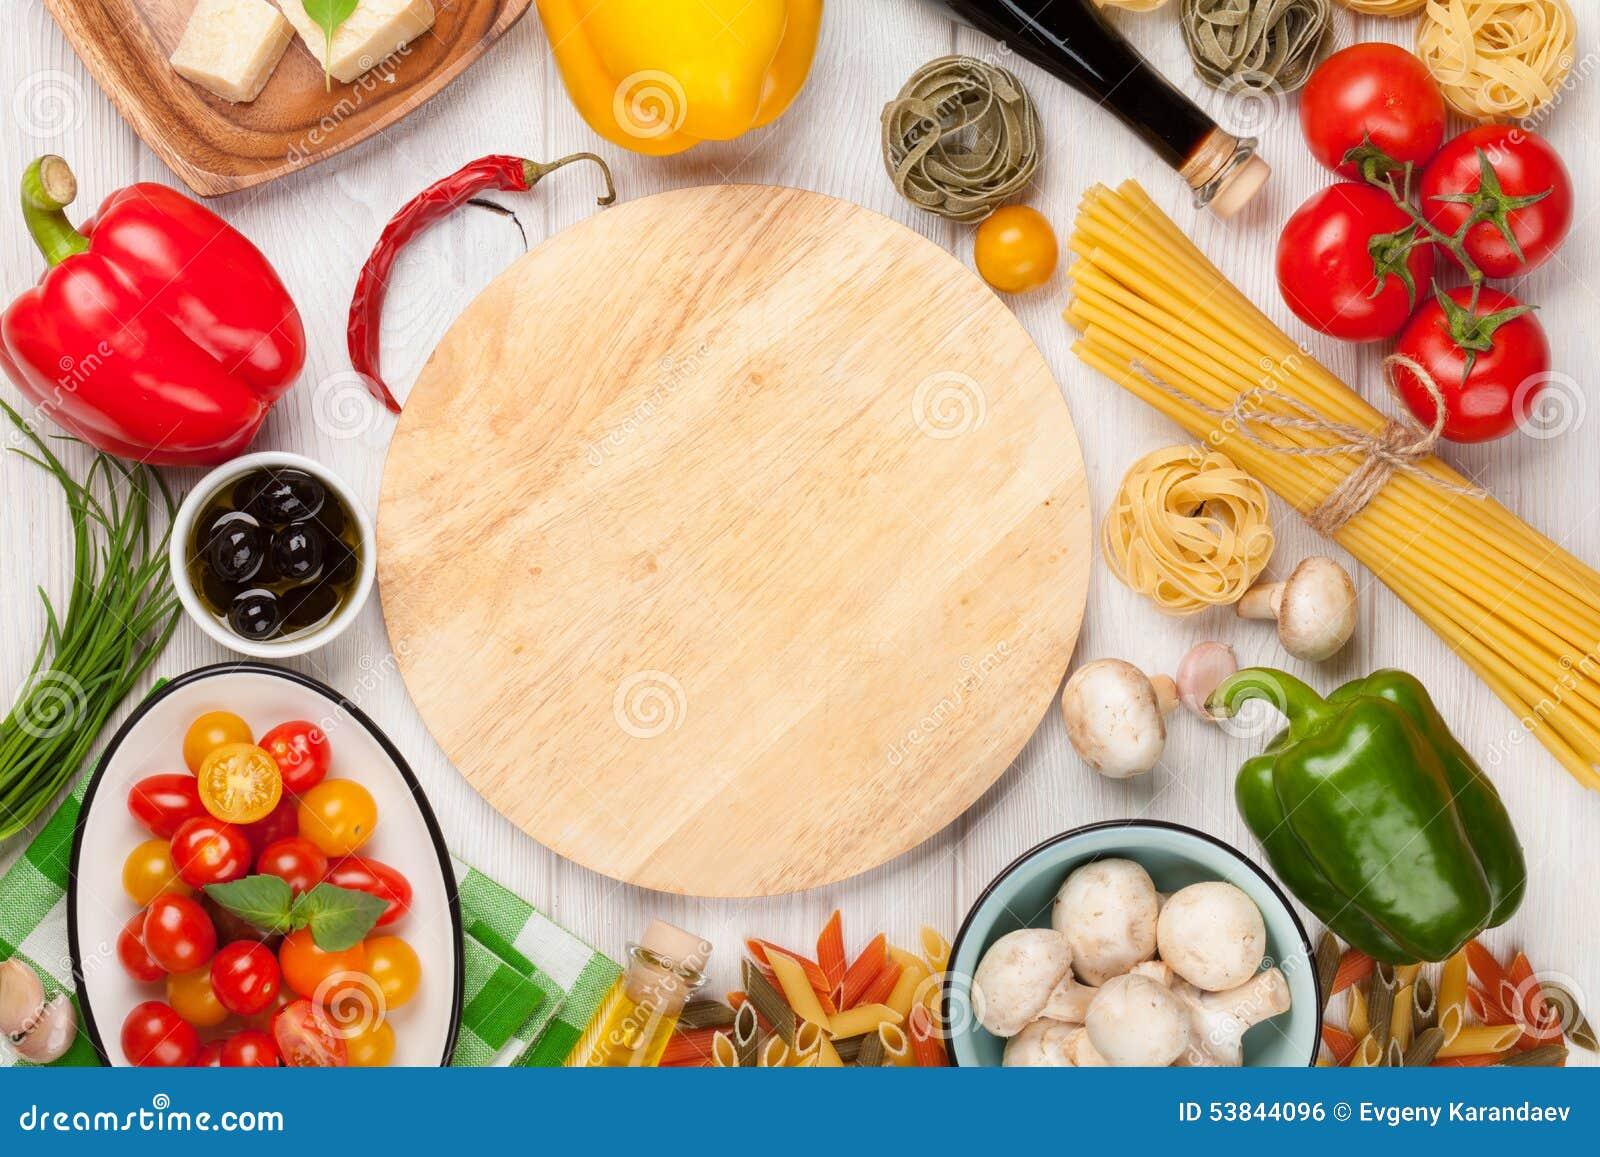 comida italiana que cocina los ingredientes pastas